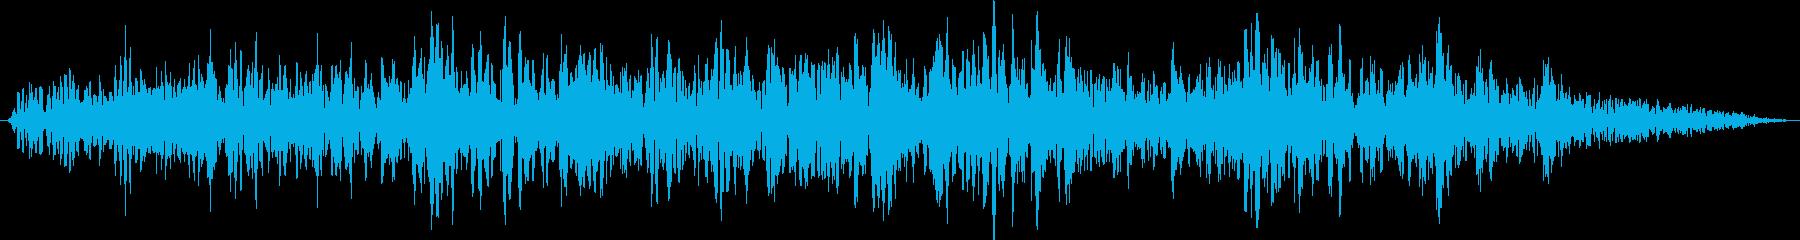 【ゴォ〜】地震、地響き、地鳴り 7の再生済みの波形